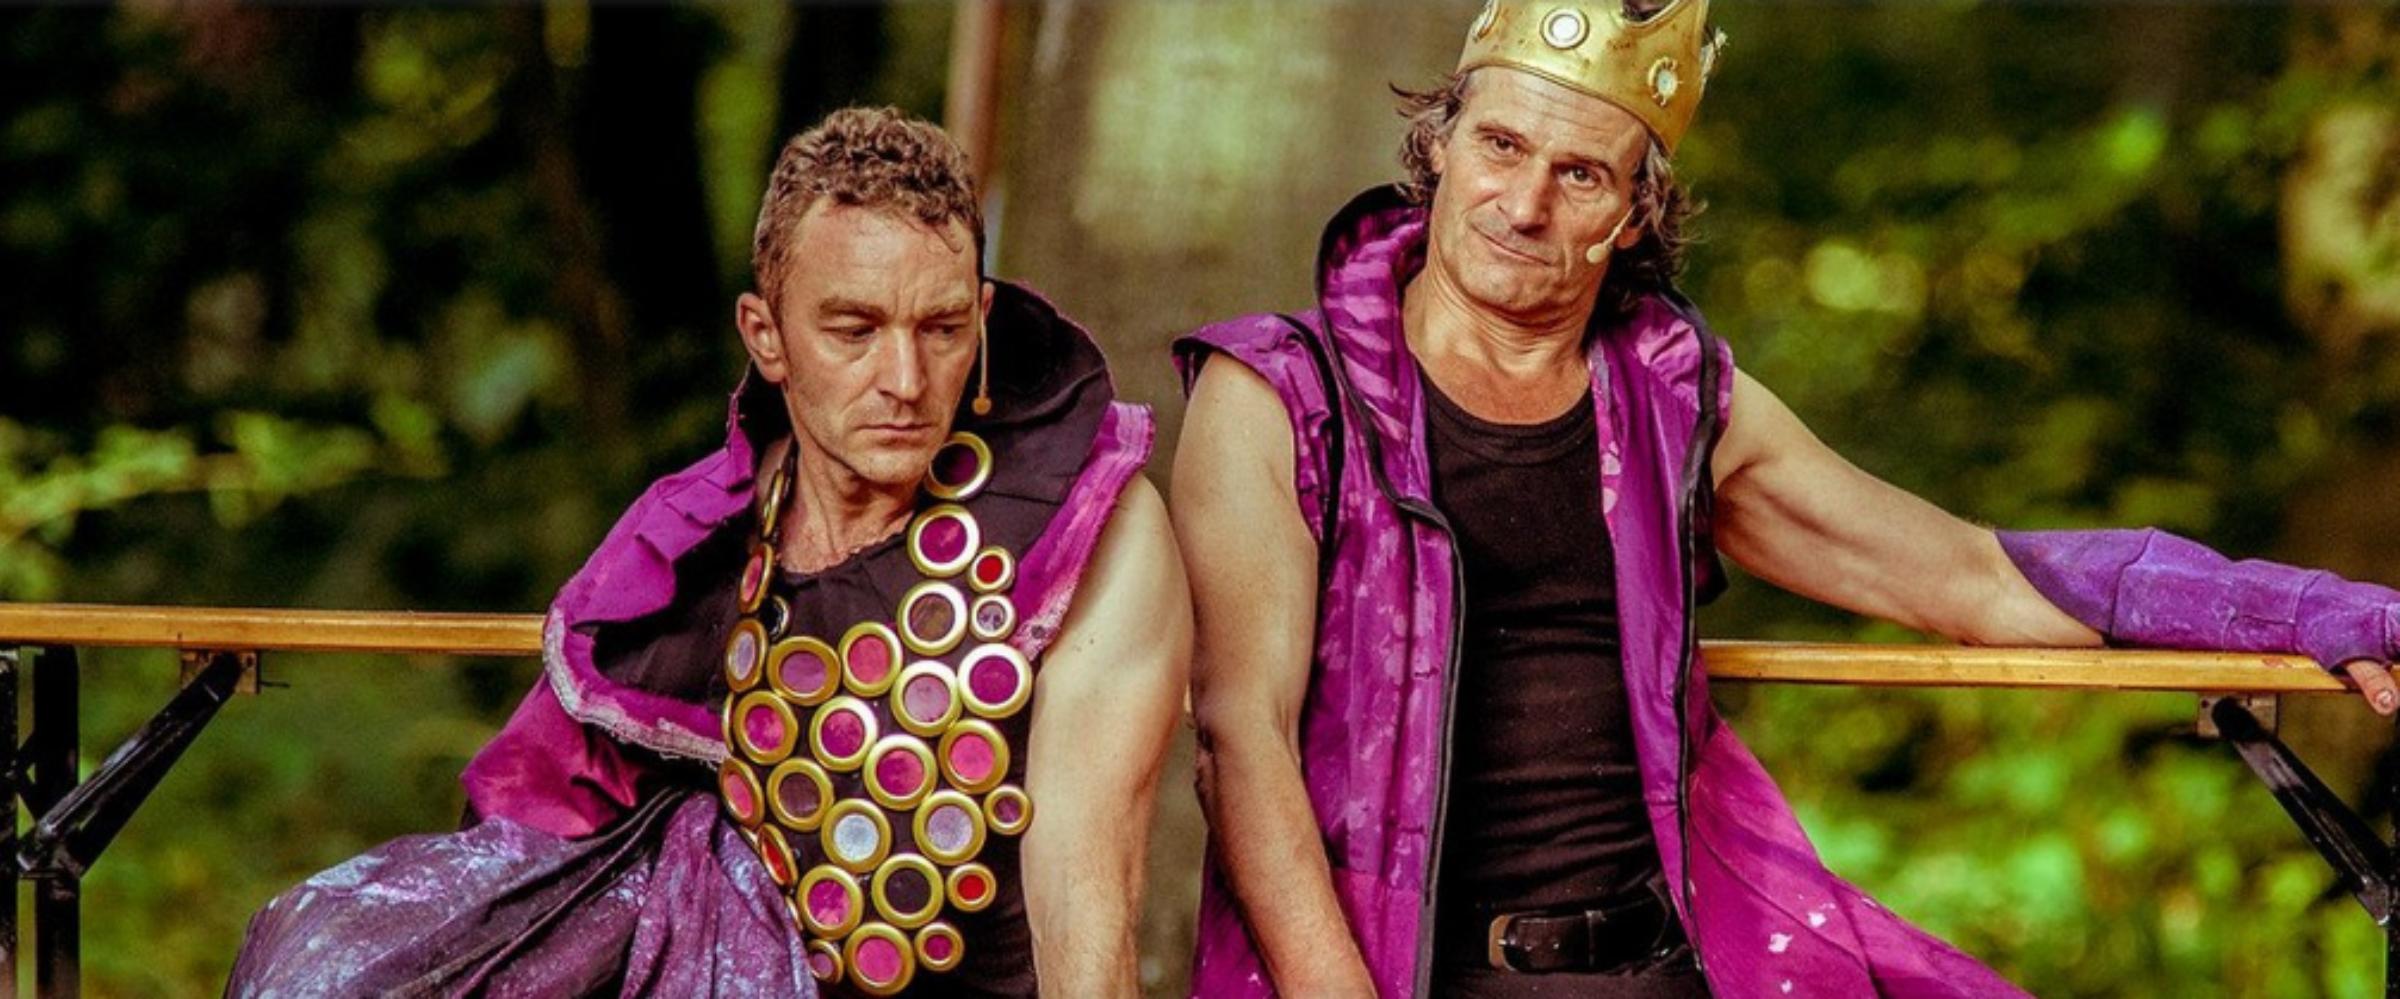 Macbeth kings men 2631 1554710874 35hxfxwts2